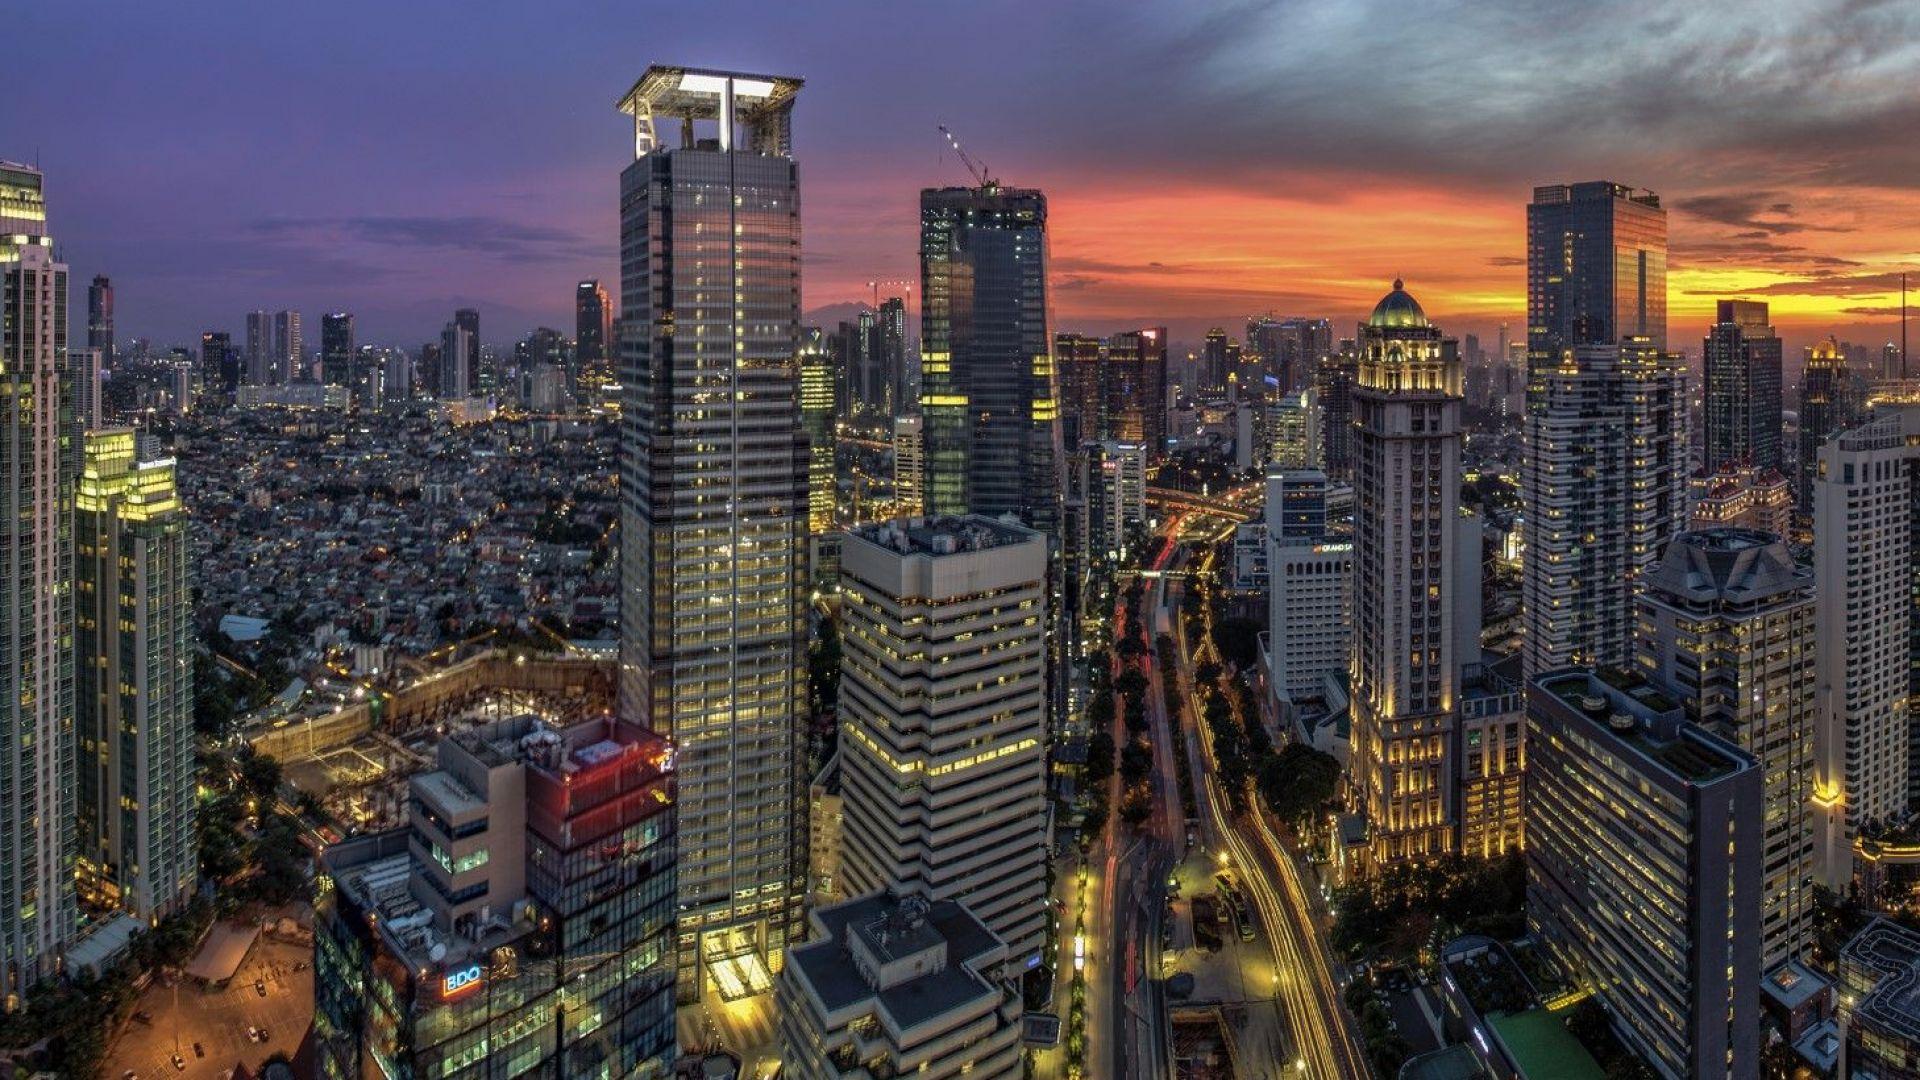 Топ 10 на най-населените градове в света през 2035 година